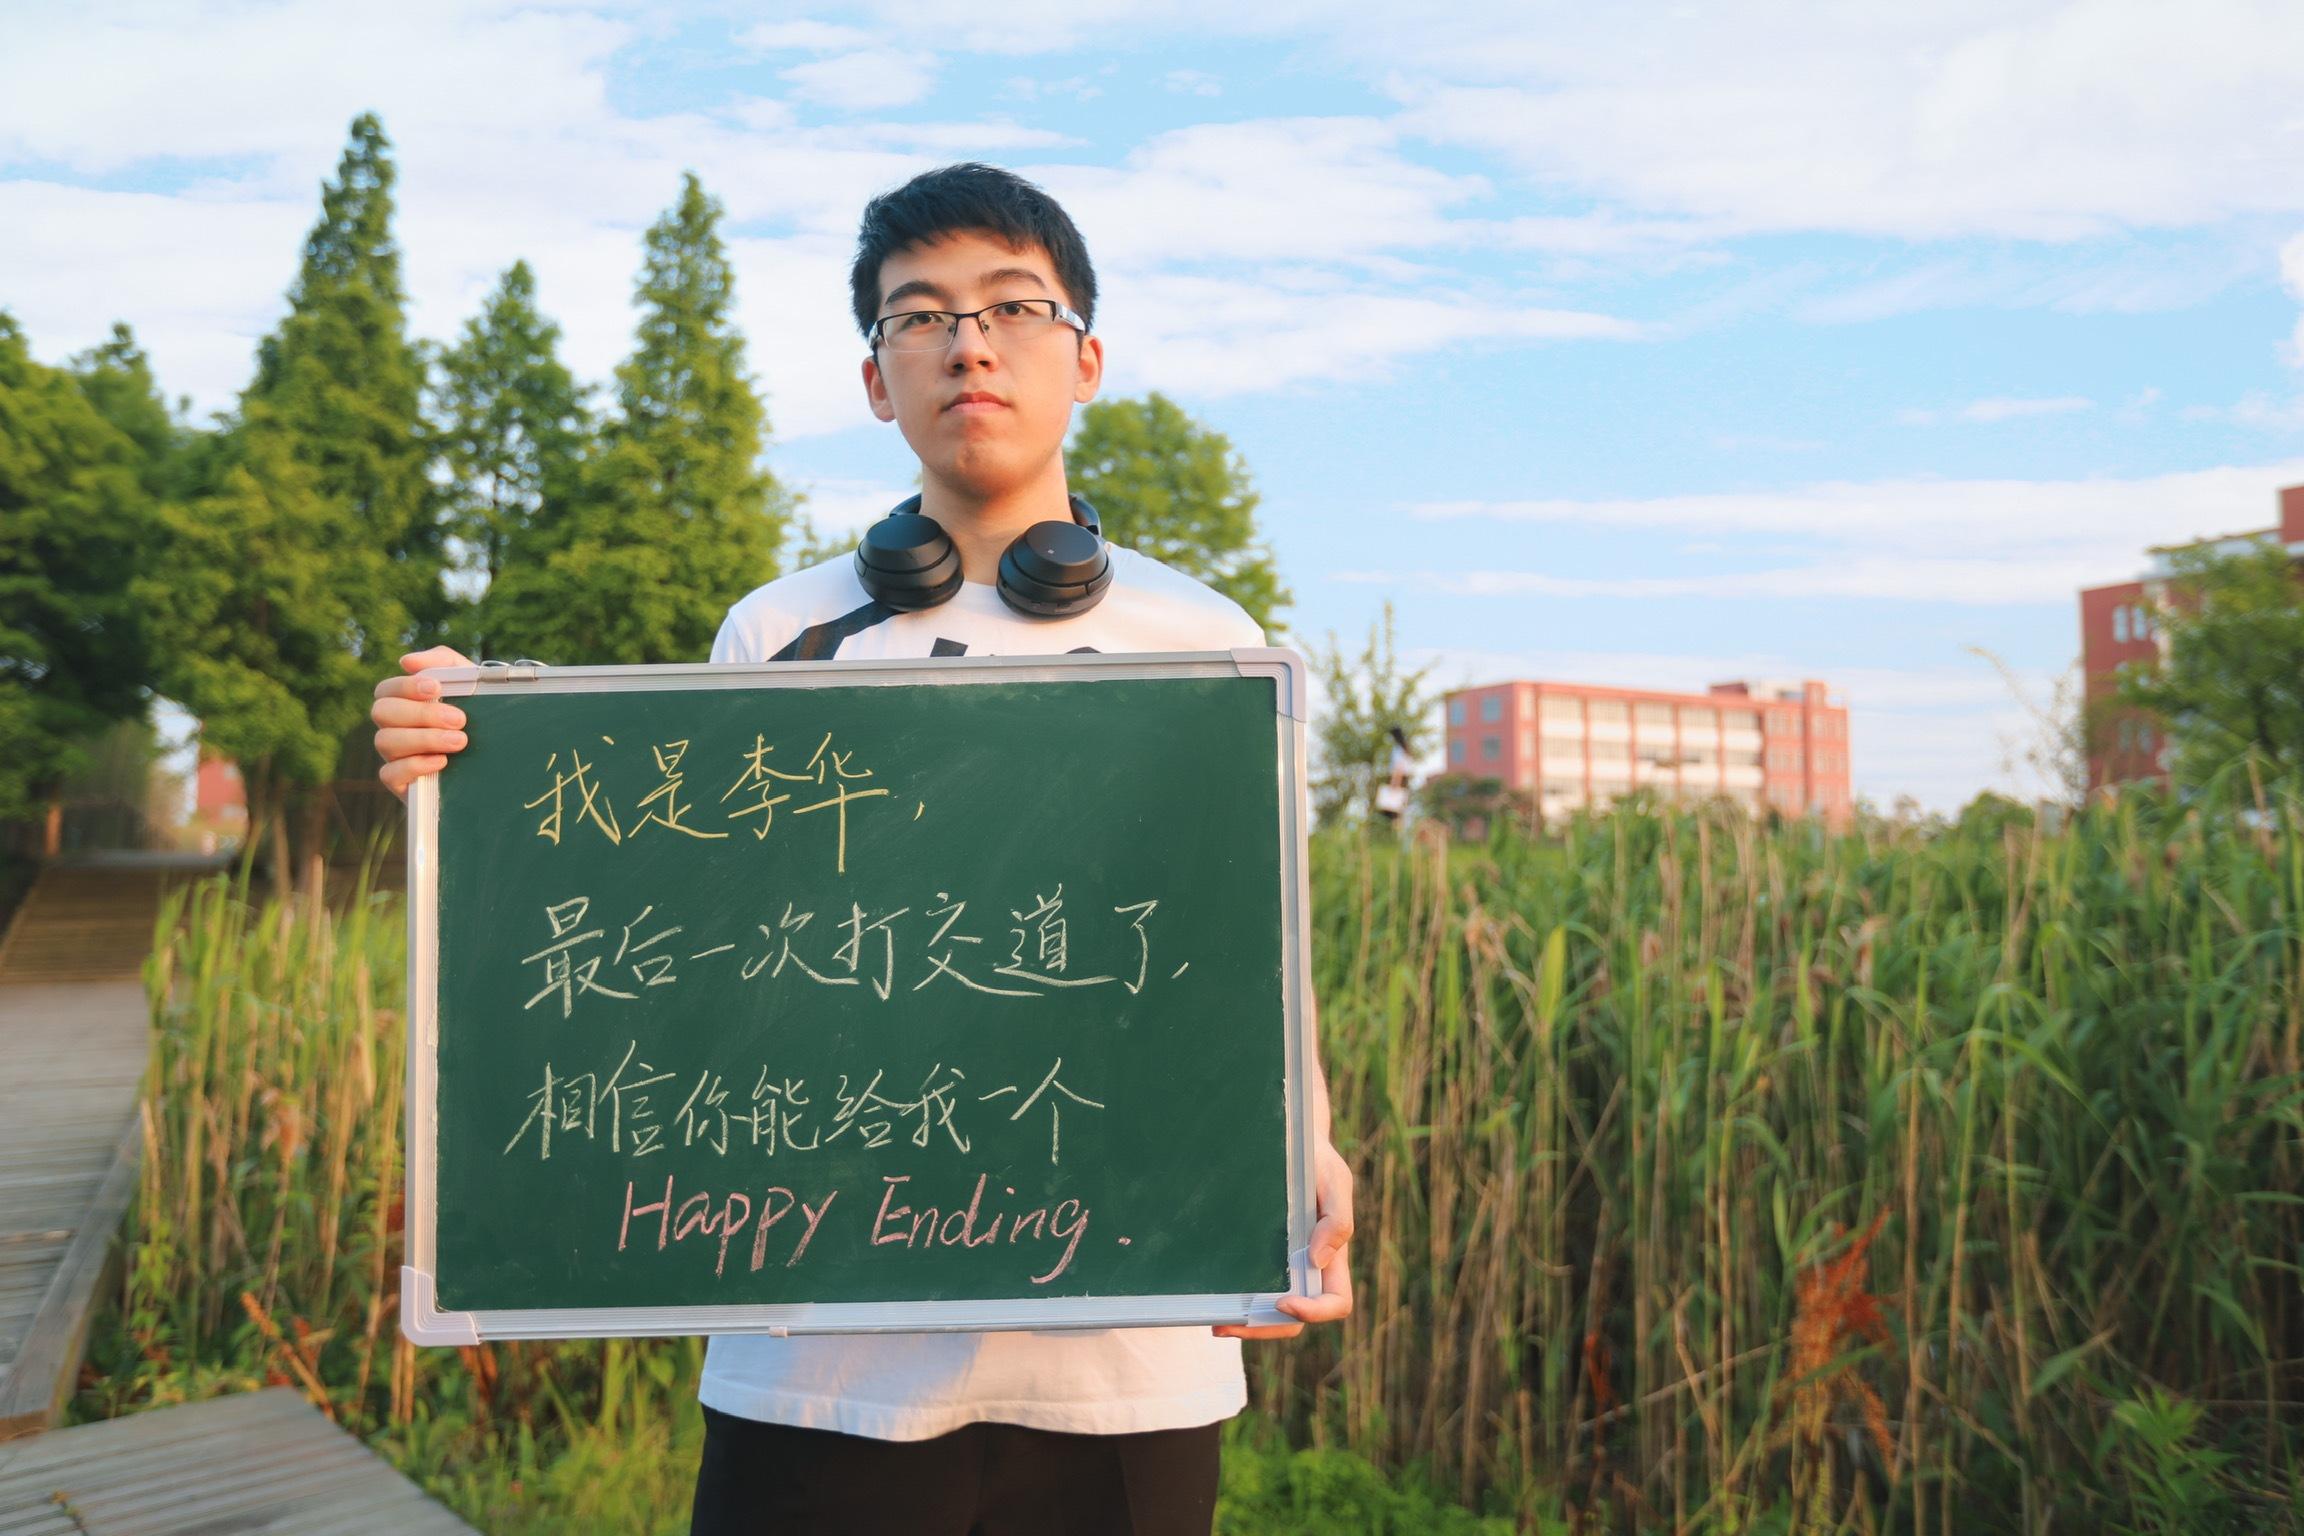 上海家教郝老师